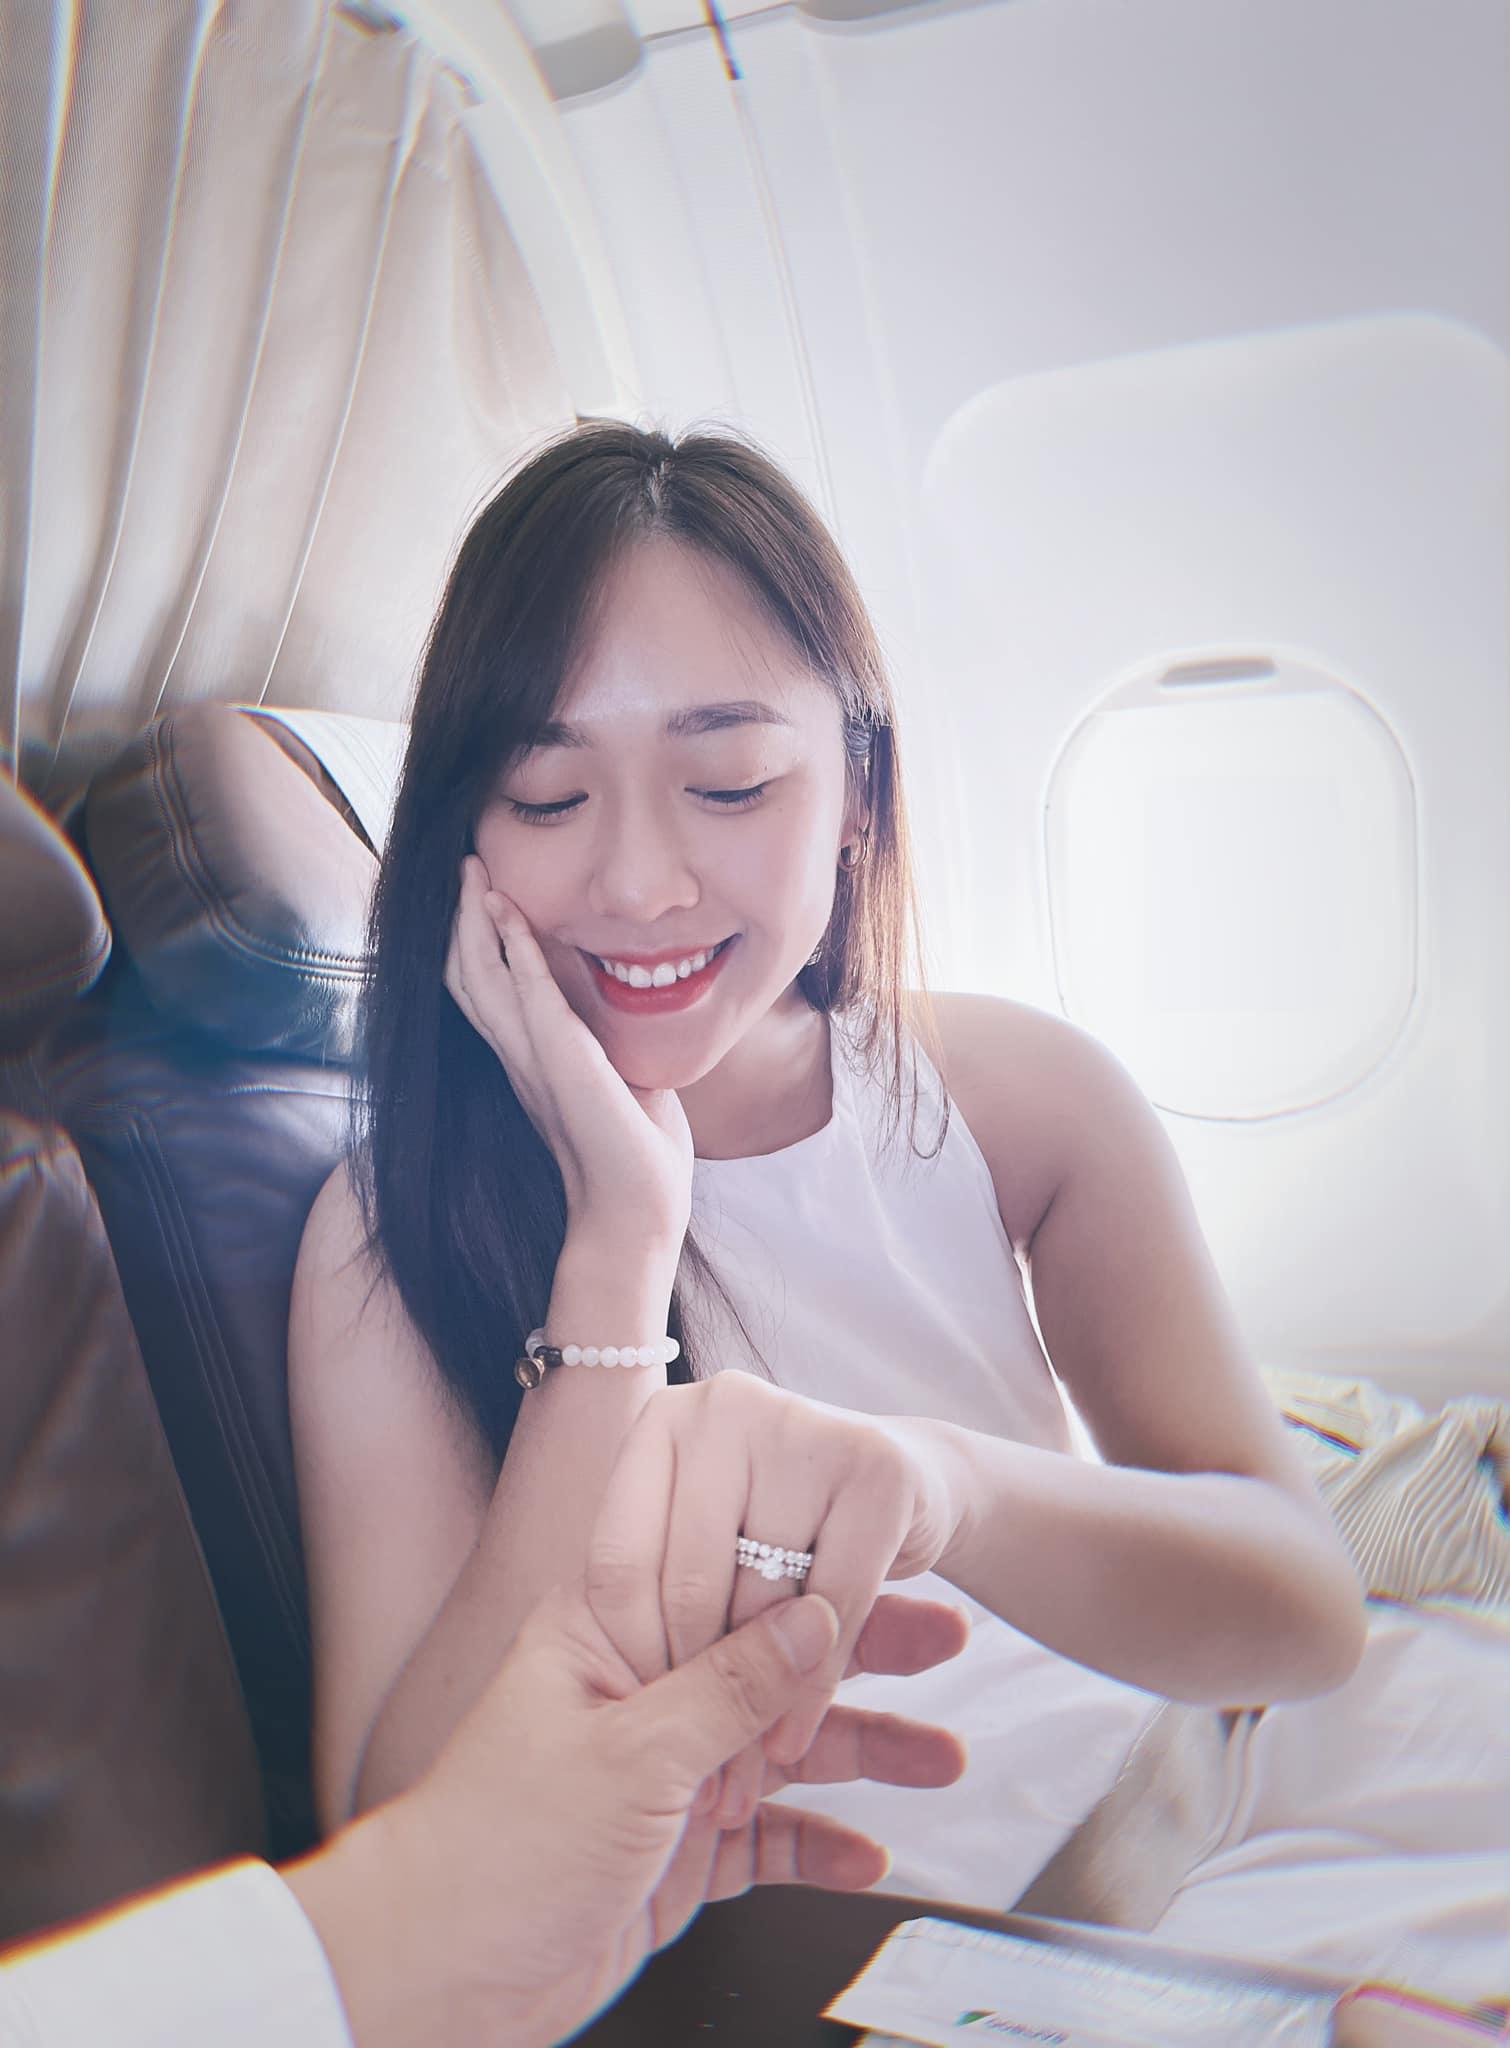 MC VTV được tỷ phú cầu hôn trên máy bay: Vẻ đẹp đúng chuẩn hoa hậu, thân hình hoàn hảo vạn người mê 1